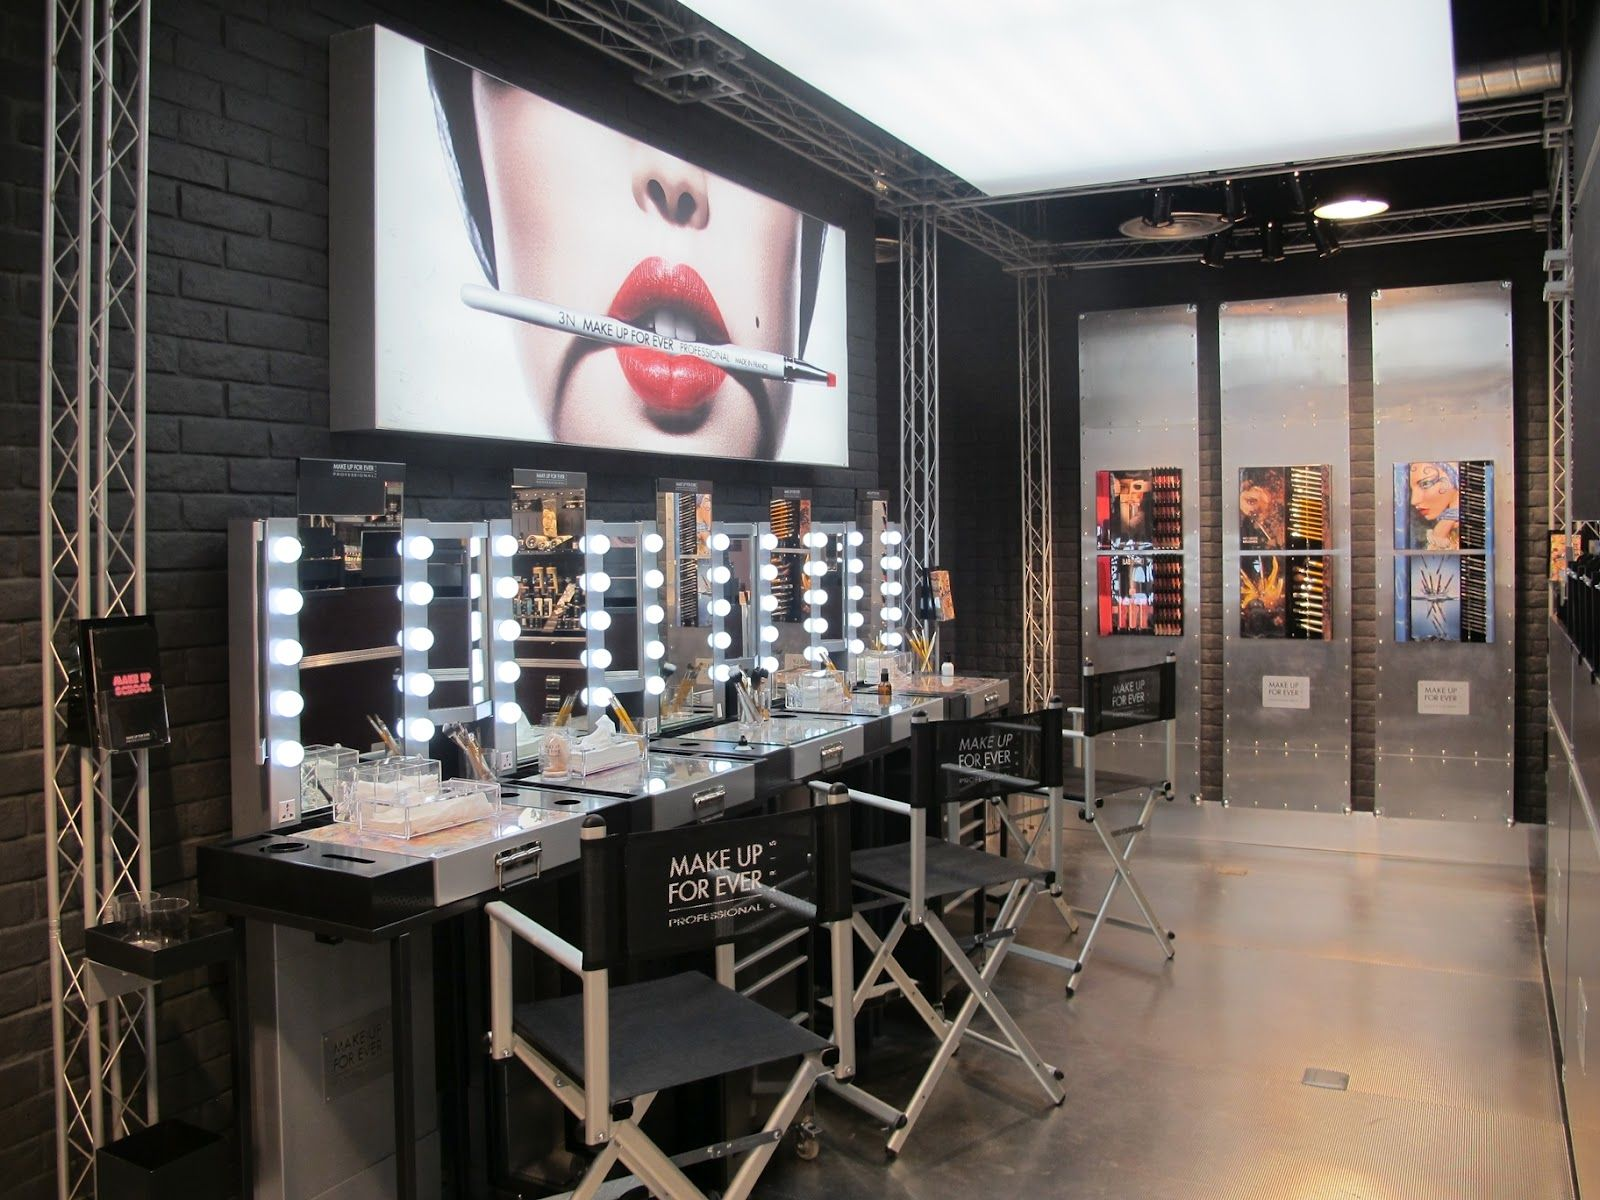 salon interior Futuristic Salon Interior Design Salon